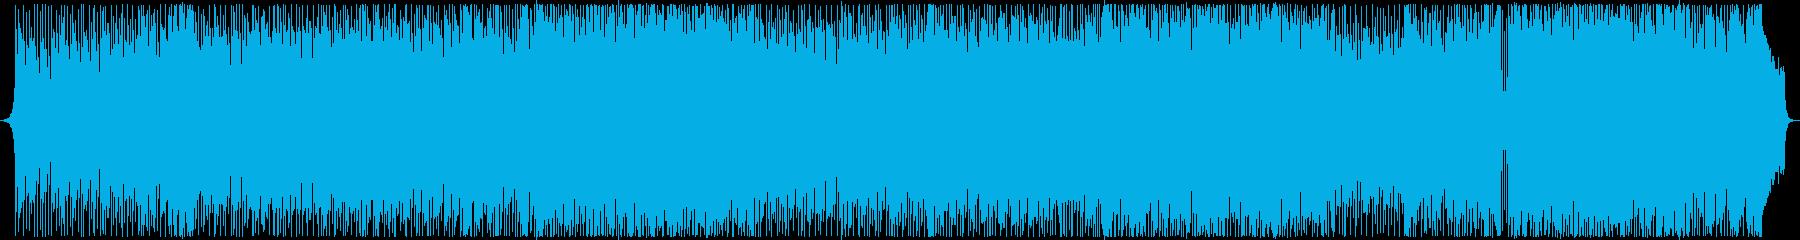 キラキラ爽やか希望にあふれるアコギBGMの再生済みの波形